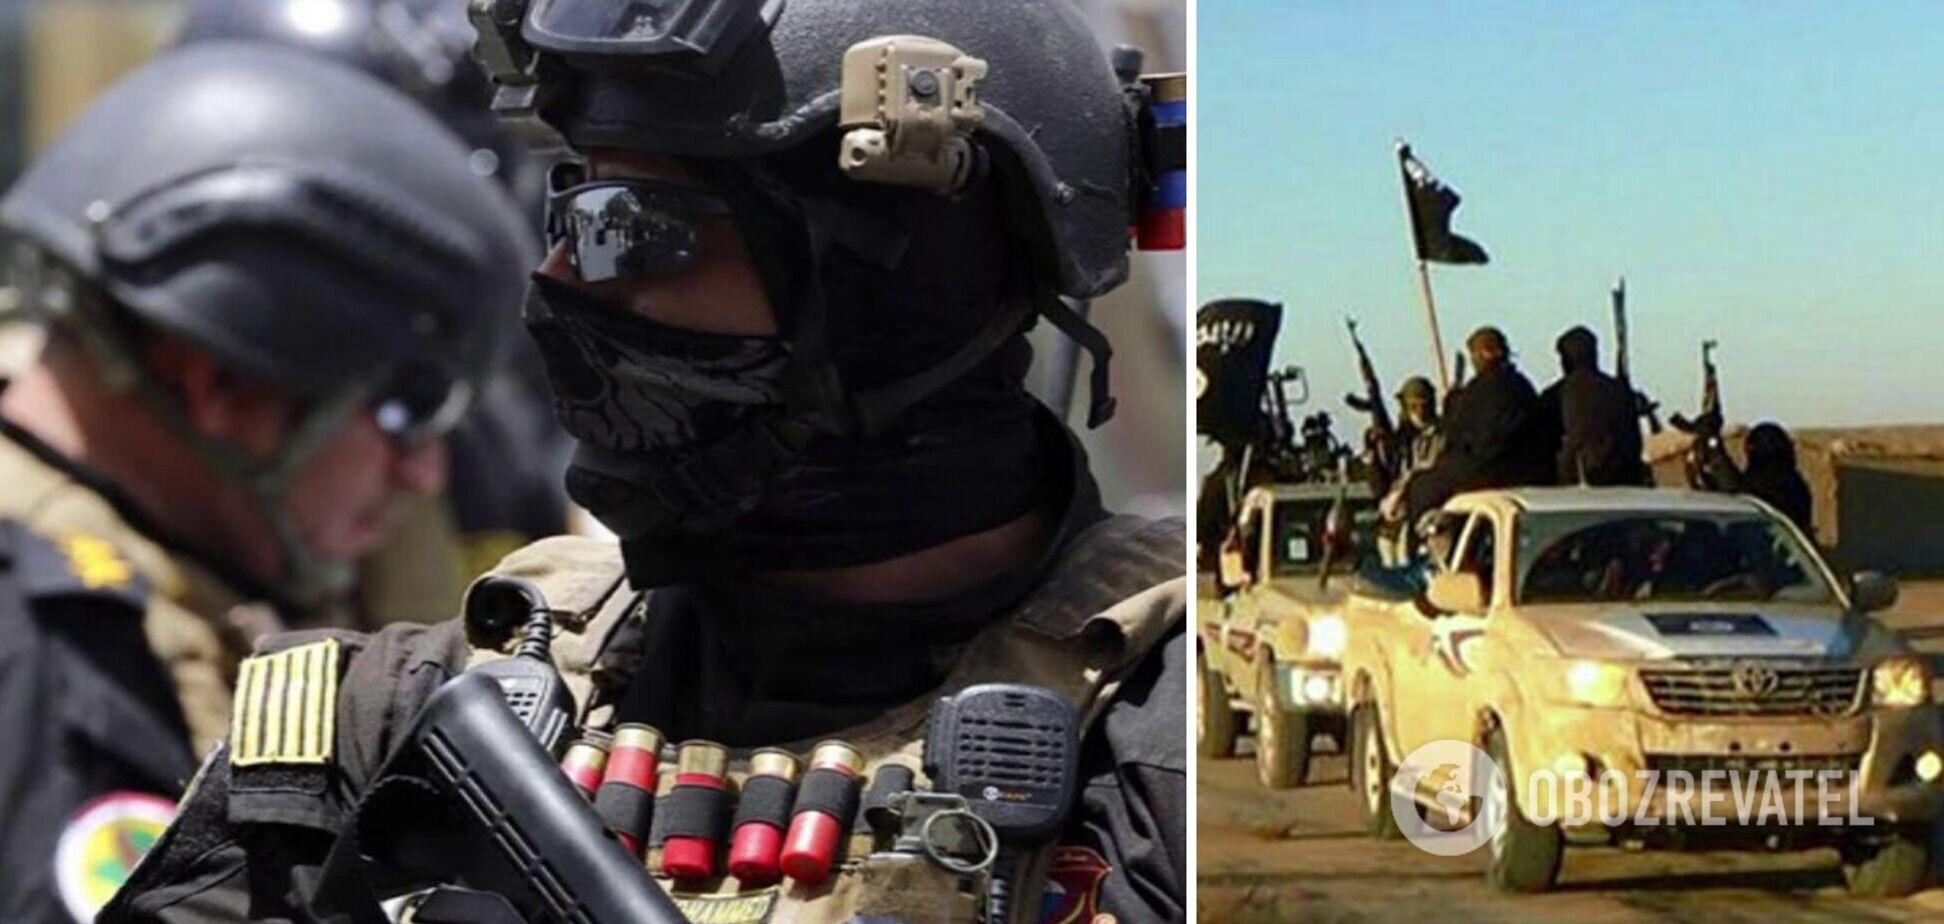 Іракські спецслужби схопили фінансиста ІДІЛ, заступника убитого Аль-Багдаді. Фото